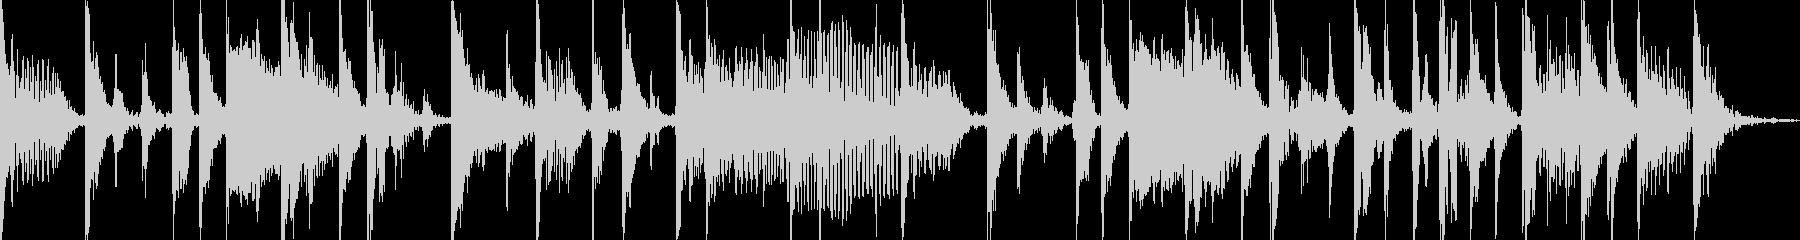 クールなベーススラップのジングル1の未再生の波形